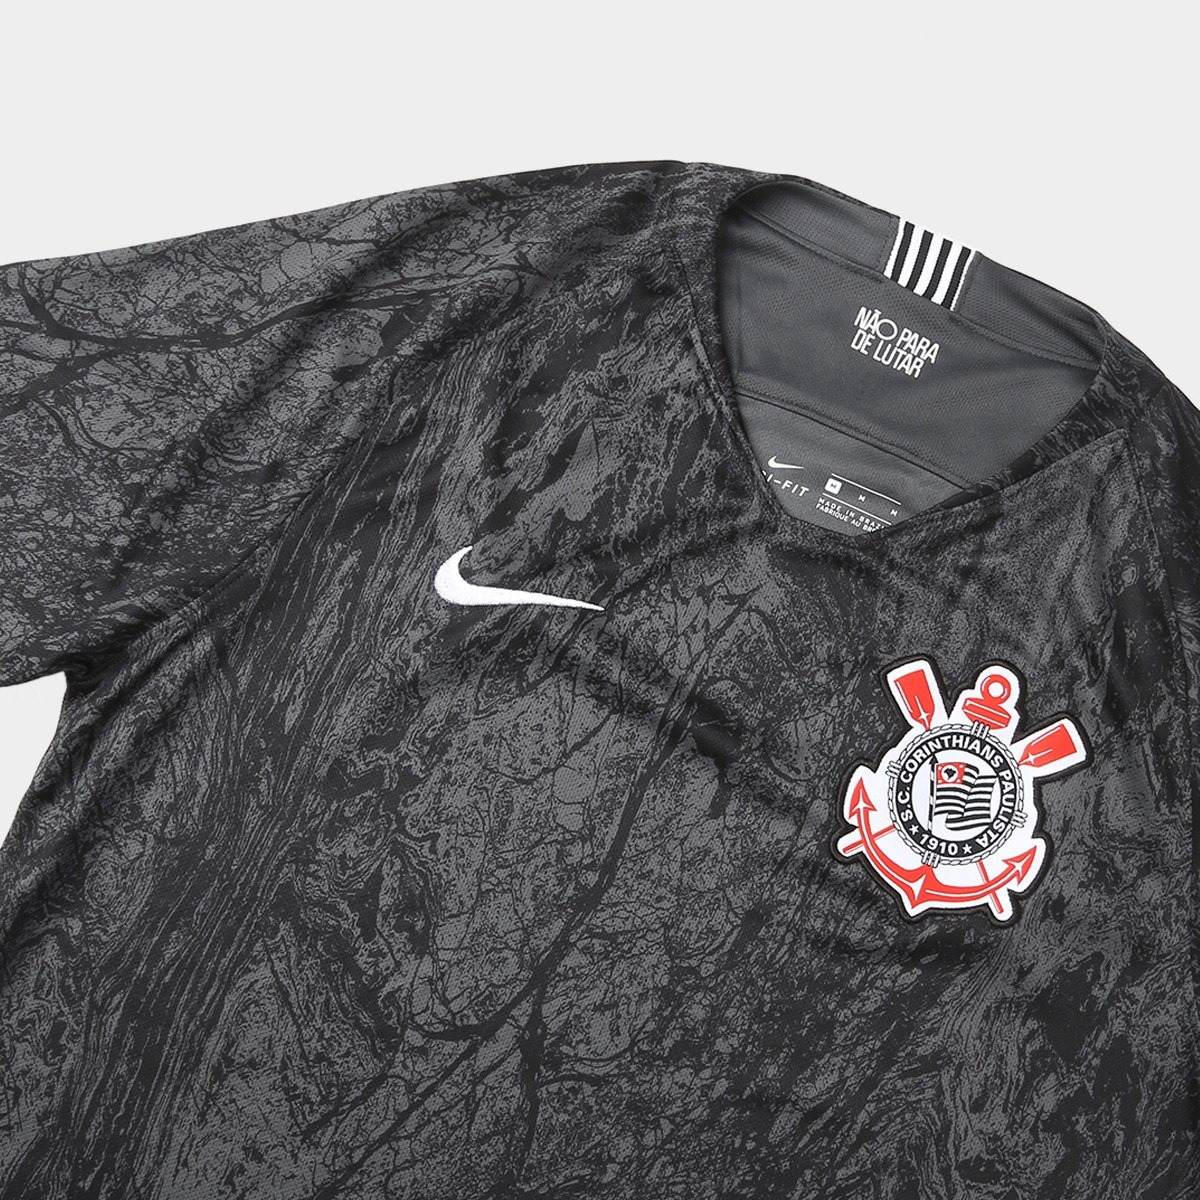 734e04827ebf81  camisa corinthians 2 2019 nova original oficial nike preta. Carregando  zoom. c9ce6b295df7a